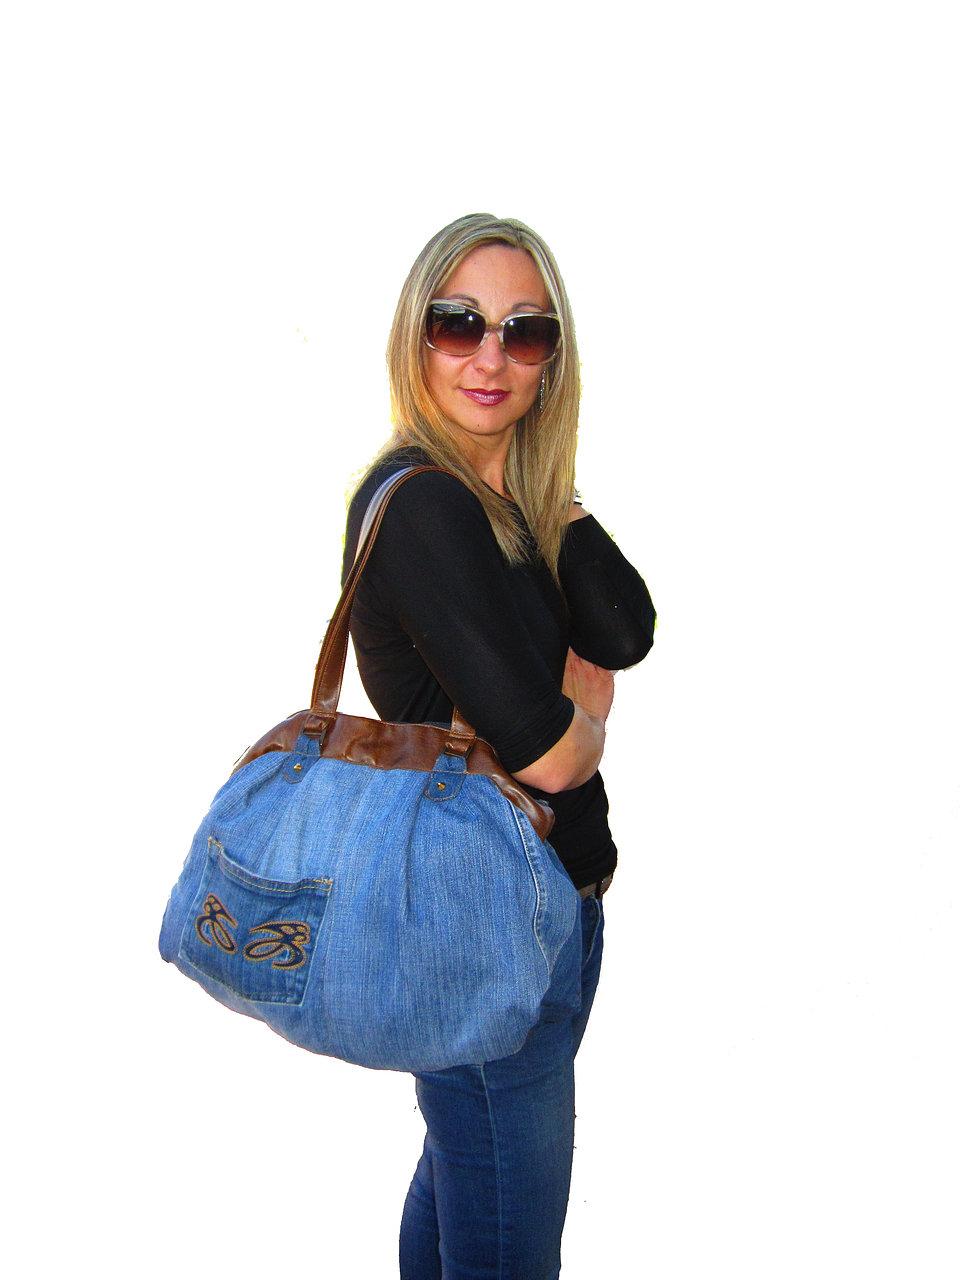 Borse Fatte A Mano Con I Jeans : Borse di elisa fatte a mano borsa jeans